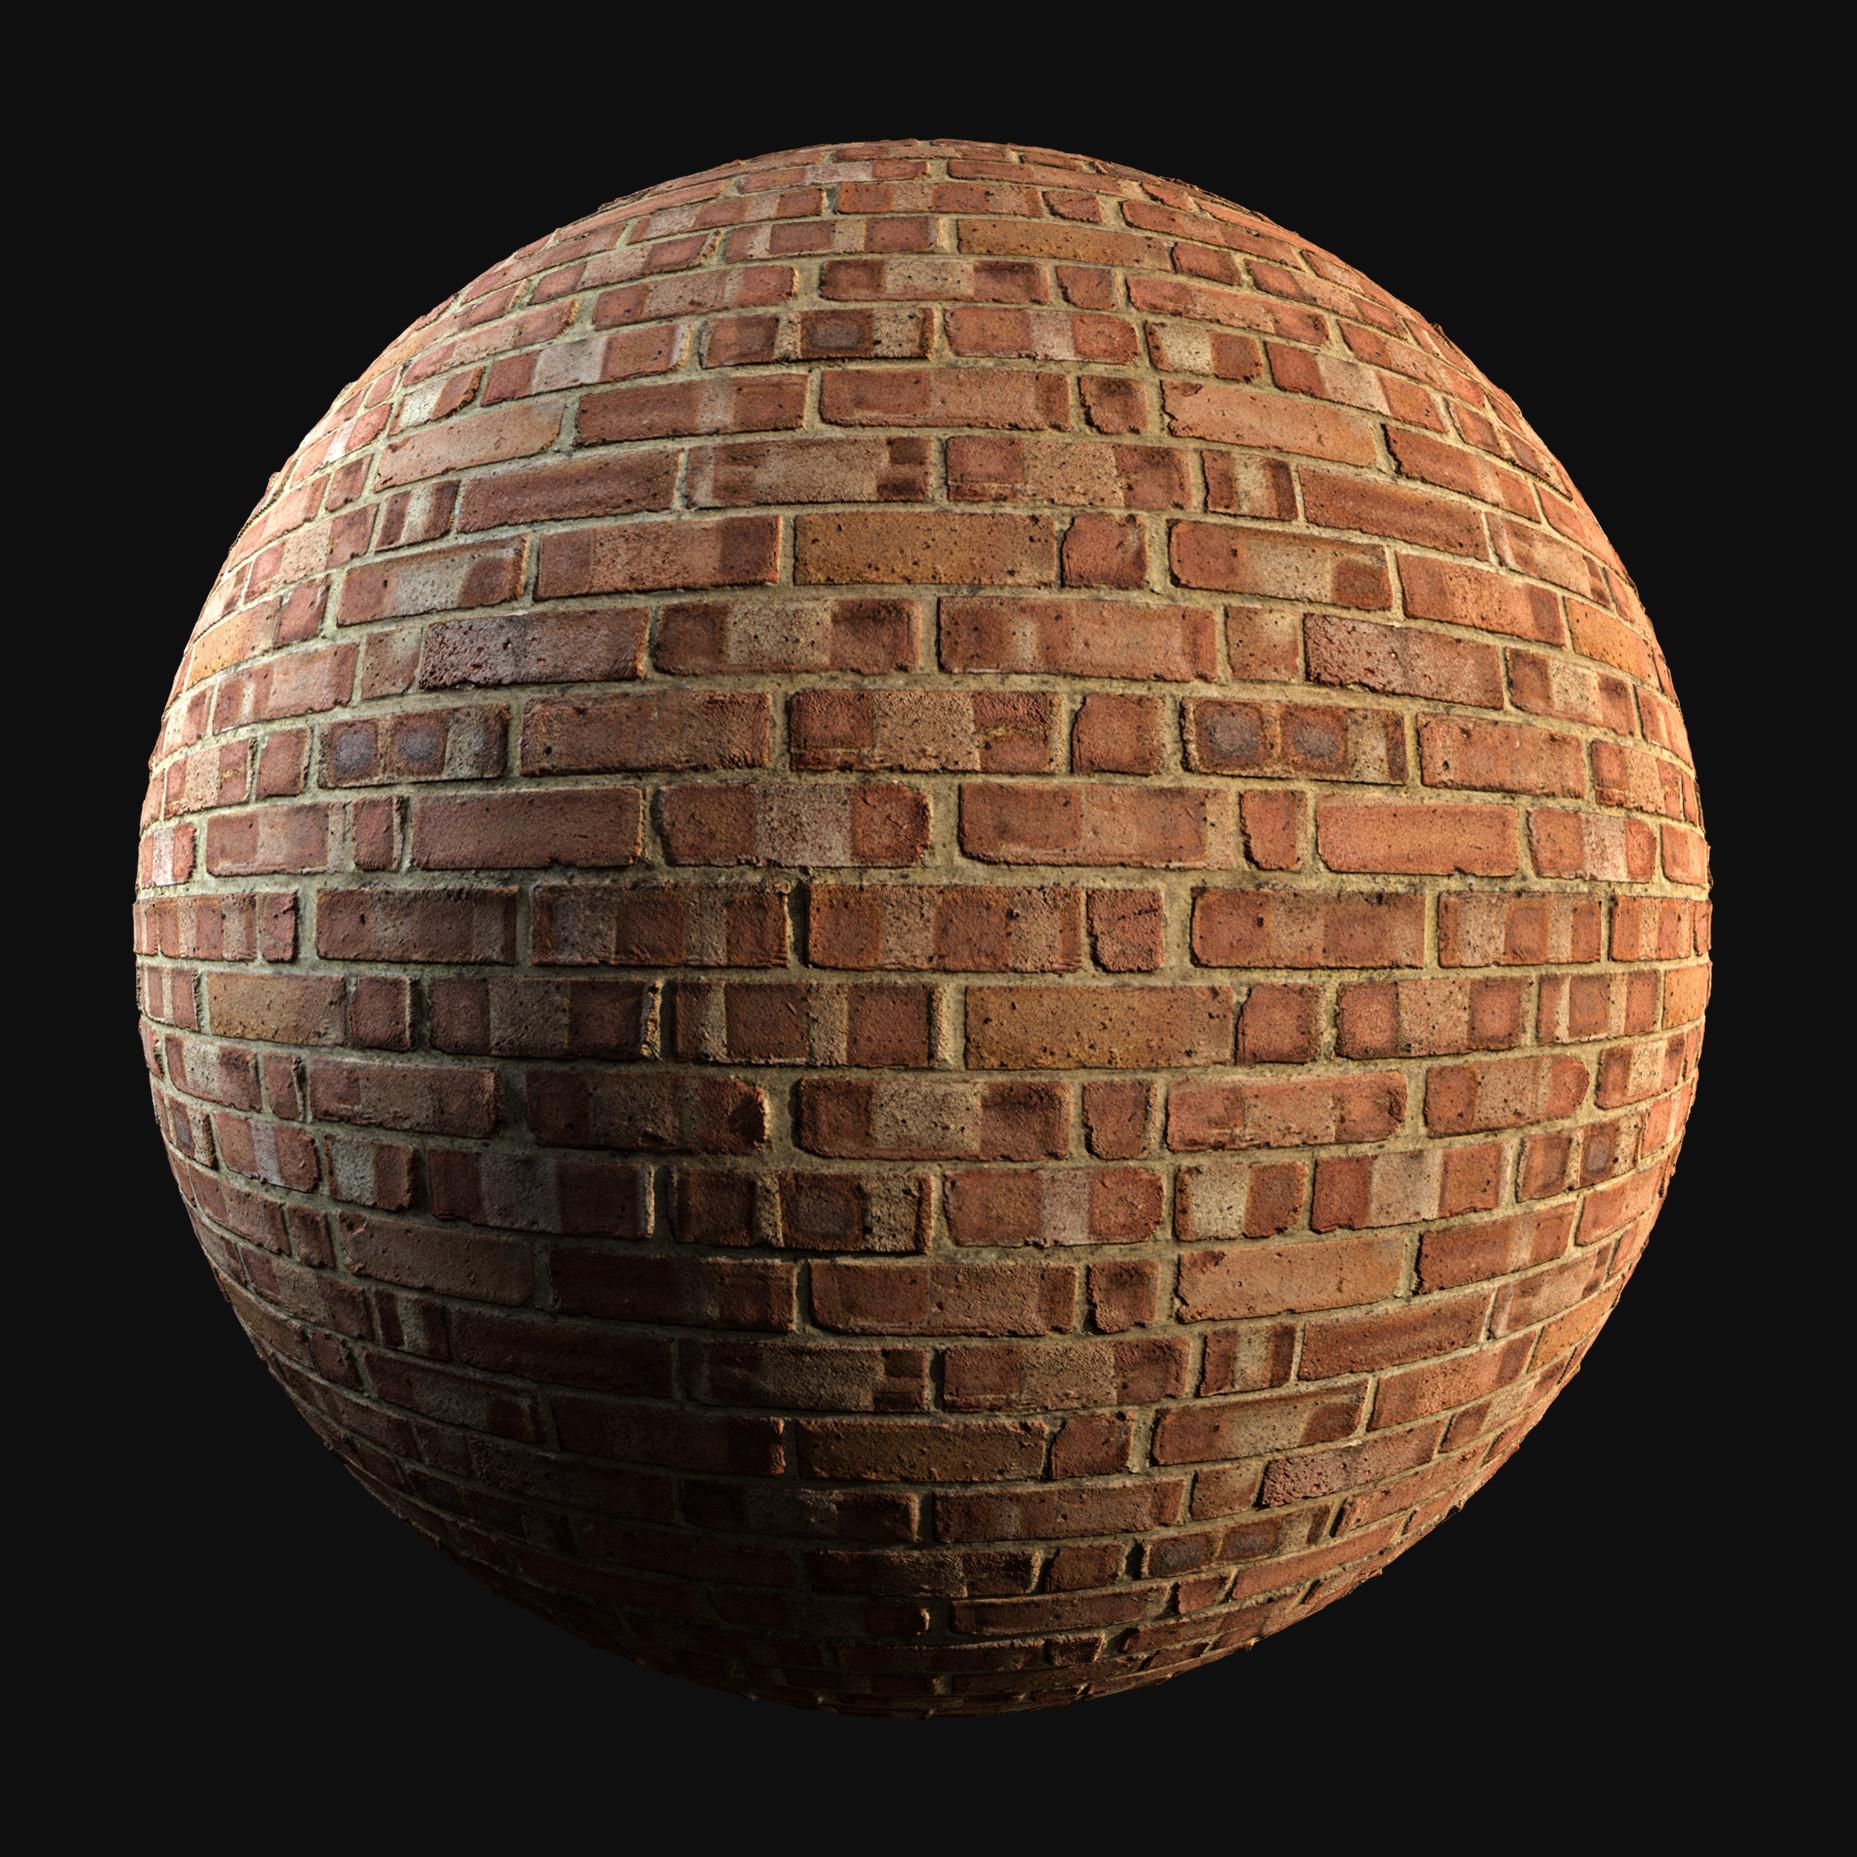 Shariq altaf brickwall redshift spherestill 01 1